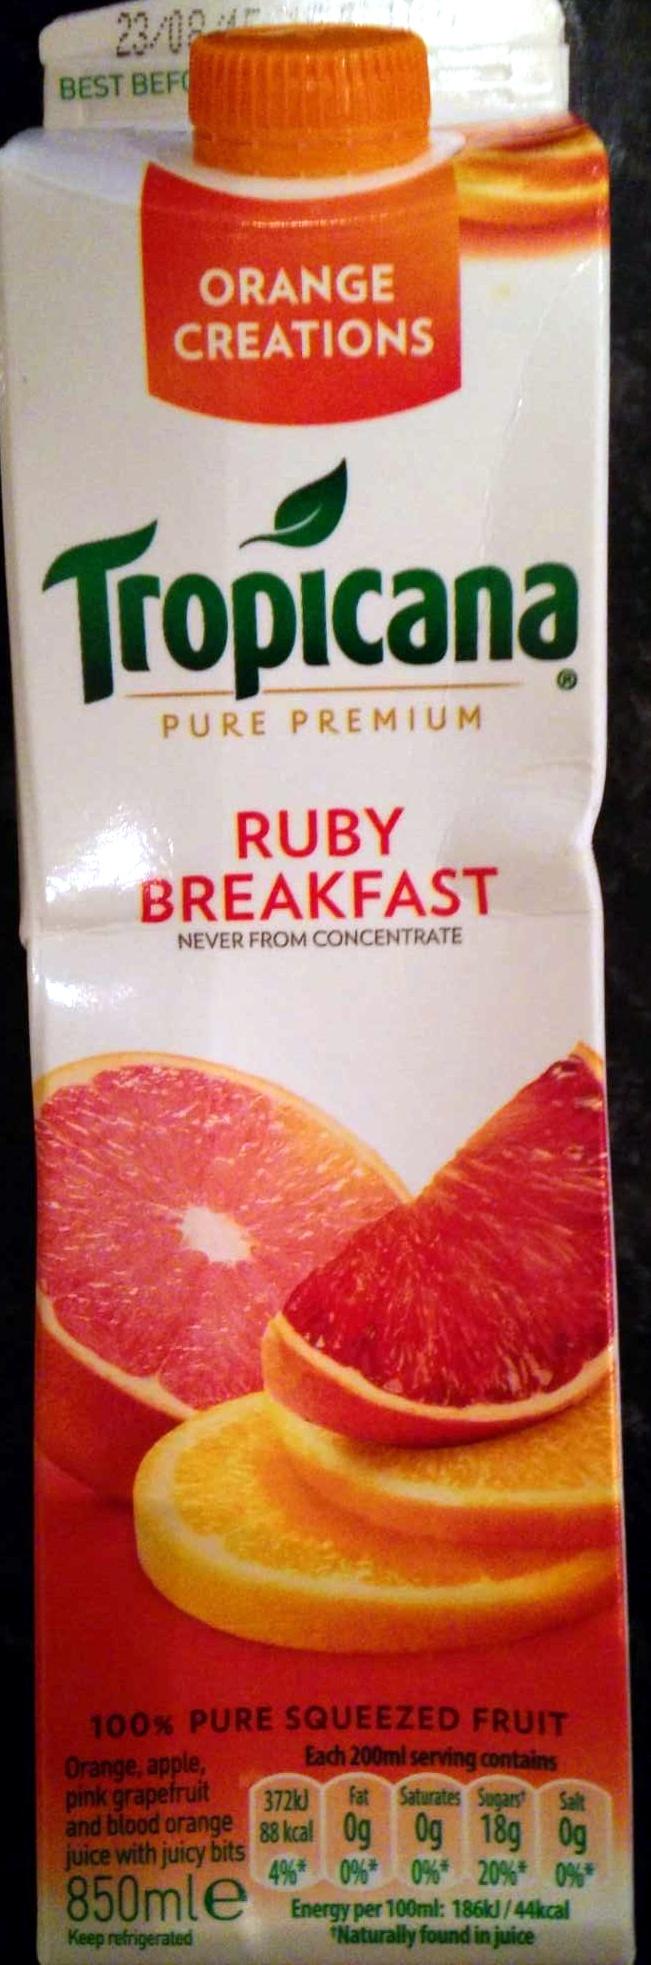 Ruby Breakfast Juice - Product - en